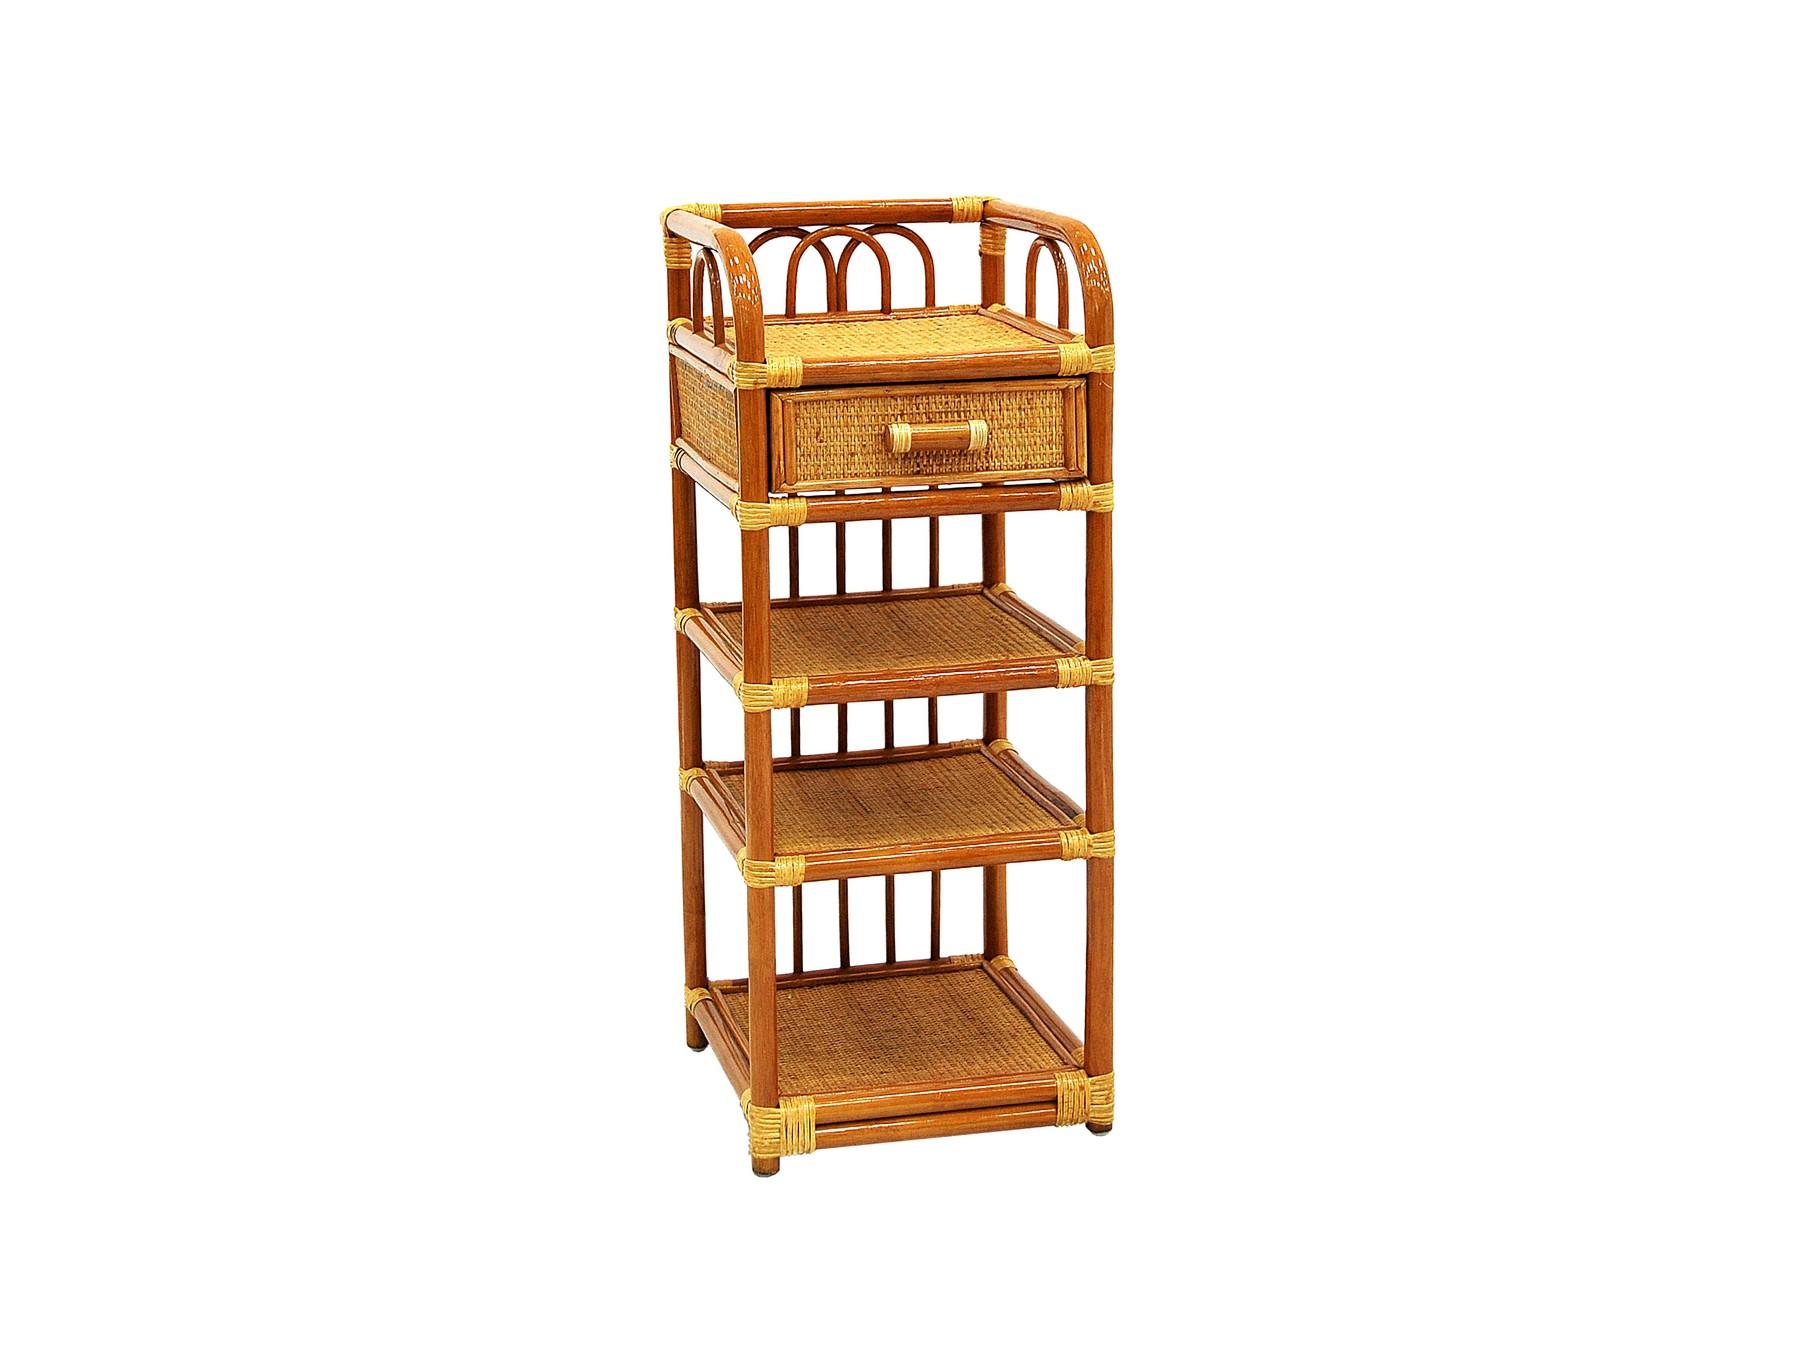 Столик под телефонПриставные столики<br>Важным достоинством мебели из ротанга является его легкость, что позволяет его свободно перемещать. Плетеная мебель из ротанга имеет минимум стыков, что служит гарантией ее прочности и долговечности.&amp;amp;nbsp;&amp;lt;div&amp;gt;&amp;lt;br&amp;gt;&amp;lt;/div&amp;gt;&amp;lt;div&amp;gt;Цвет: коньячный&amp;lt;/div&amp;gt;&amp;lt;div&amp;gt;Вес: 4,5 кг&amp;lt;/div&amp;gt;<br><br>Material: Ротанг<br>Width см: 36<br>Depth см: 36<br>Height см: 88